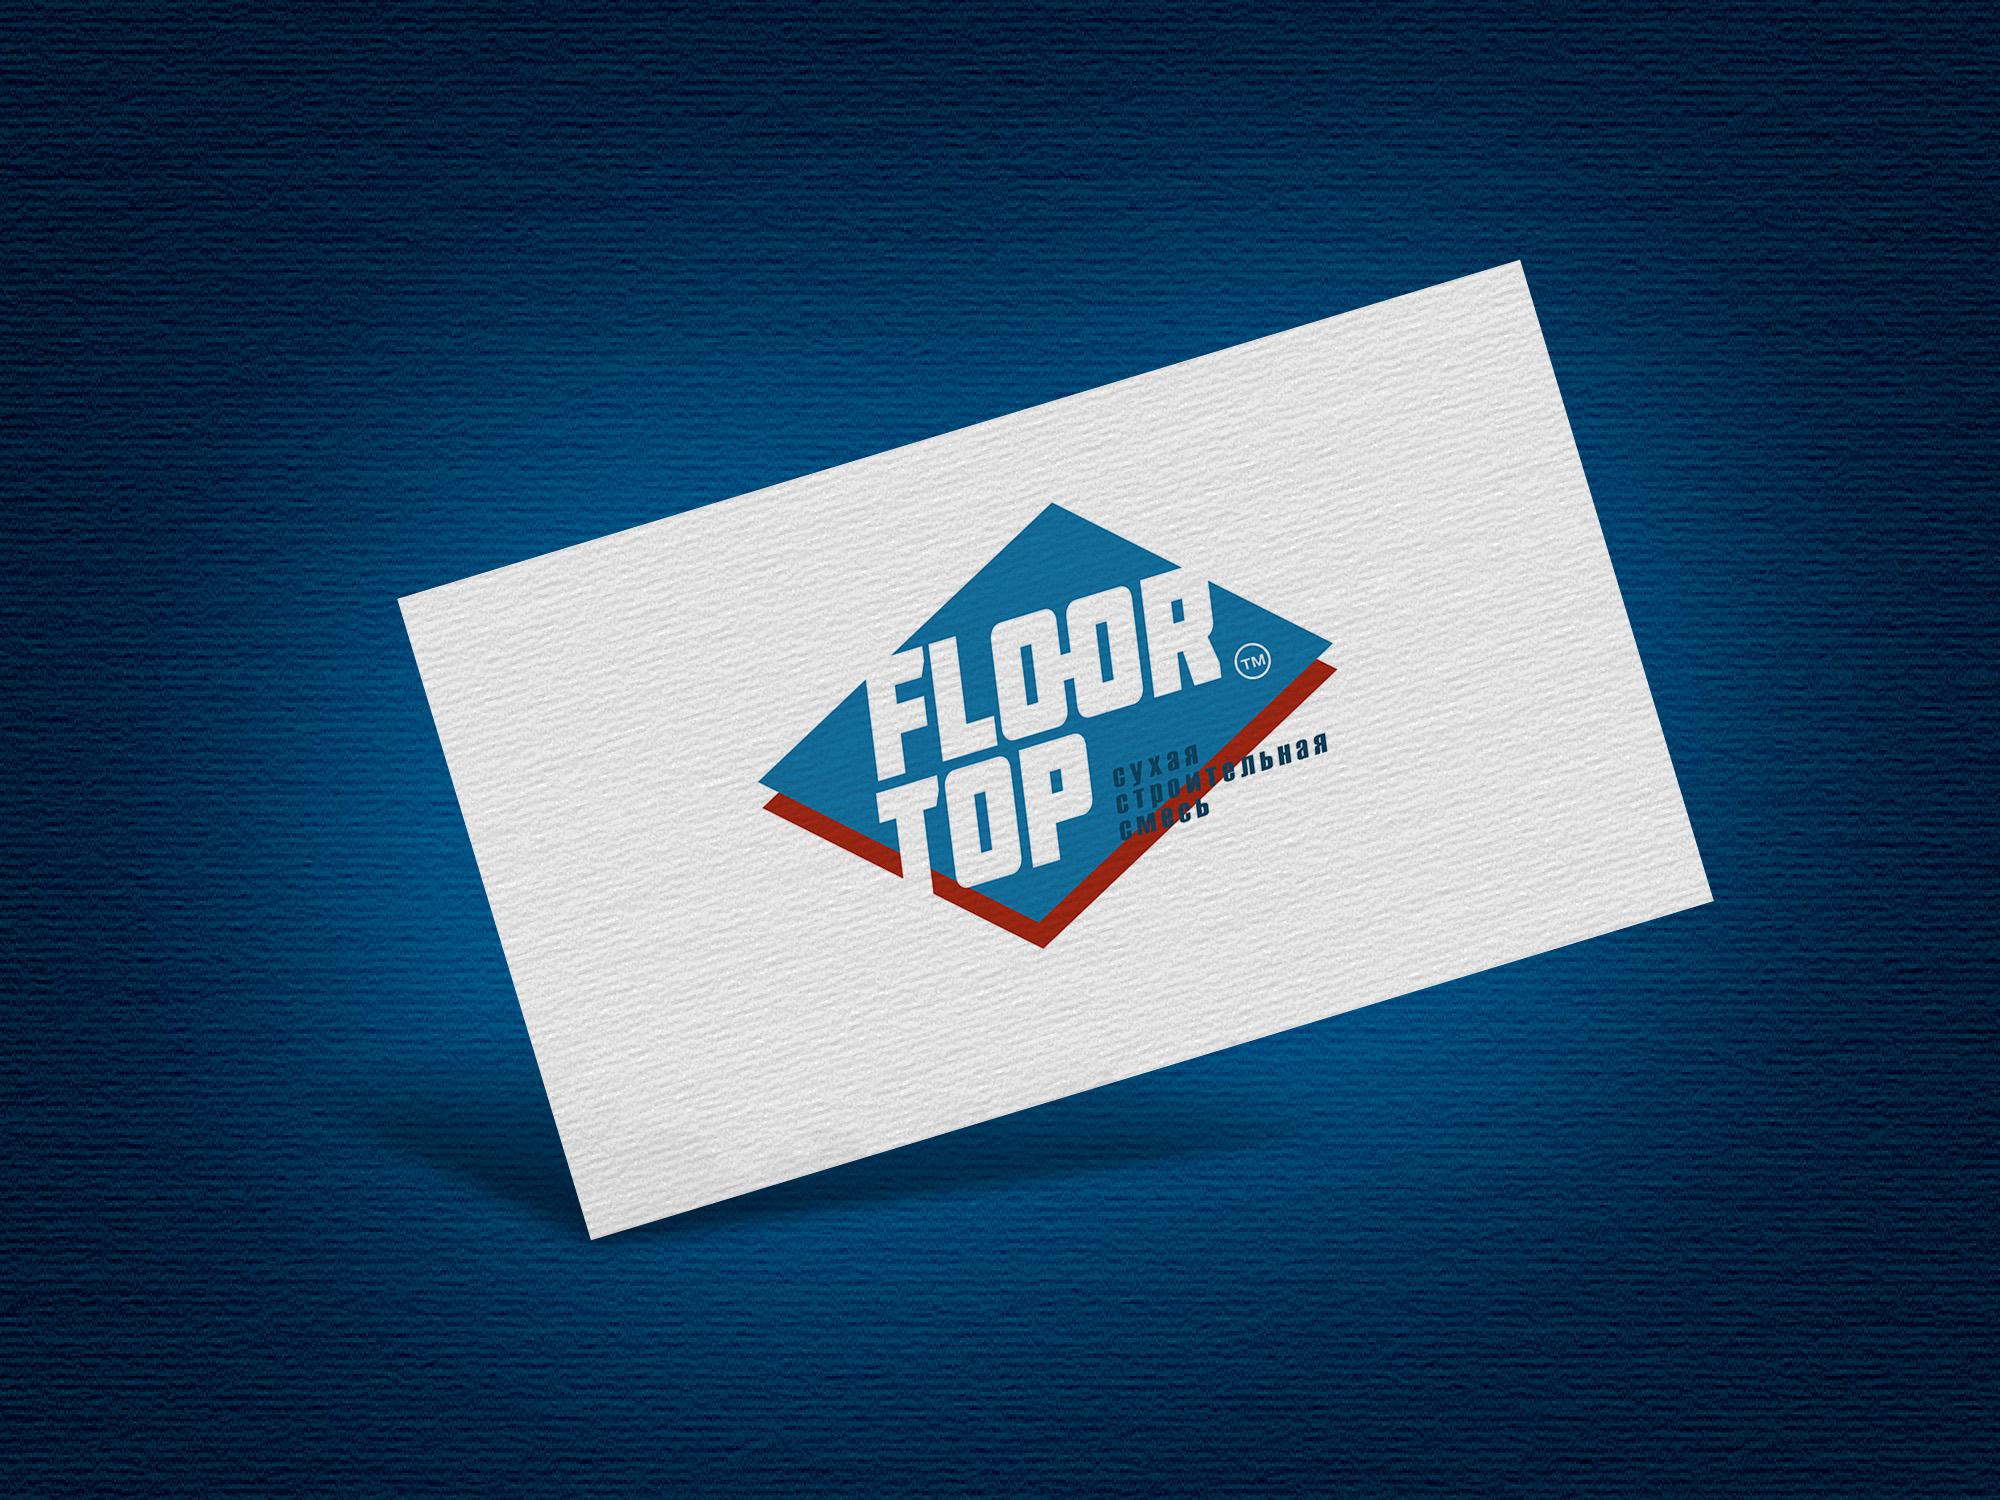 Разработка логотипа и дизайна на упаковку для сухой смеси фото f_2225d2b6d08d8582.jpg